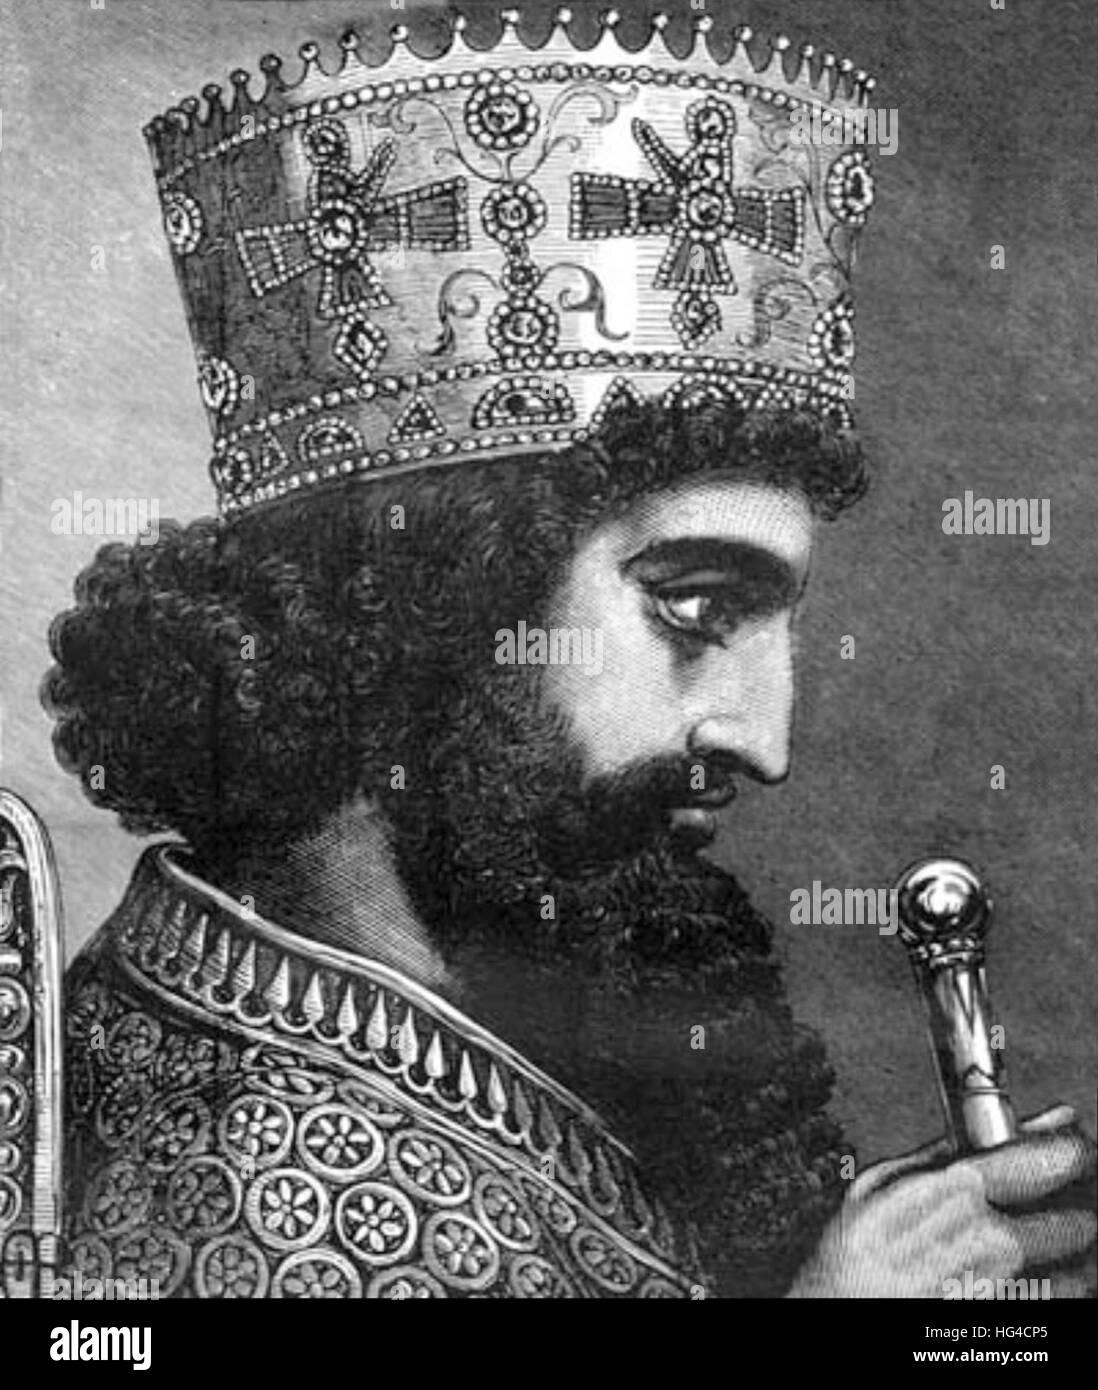 Xerxes, Xerxes I, rey de Persia Imagen De Stock